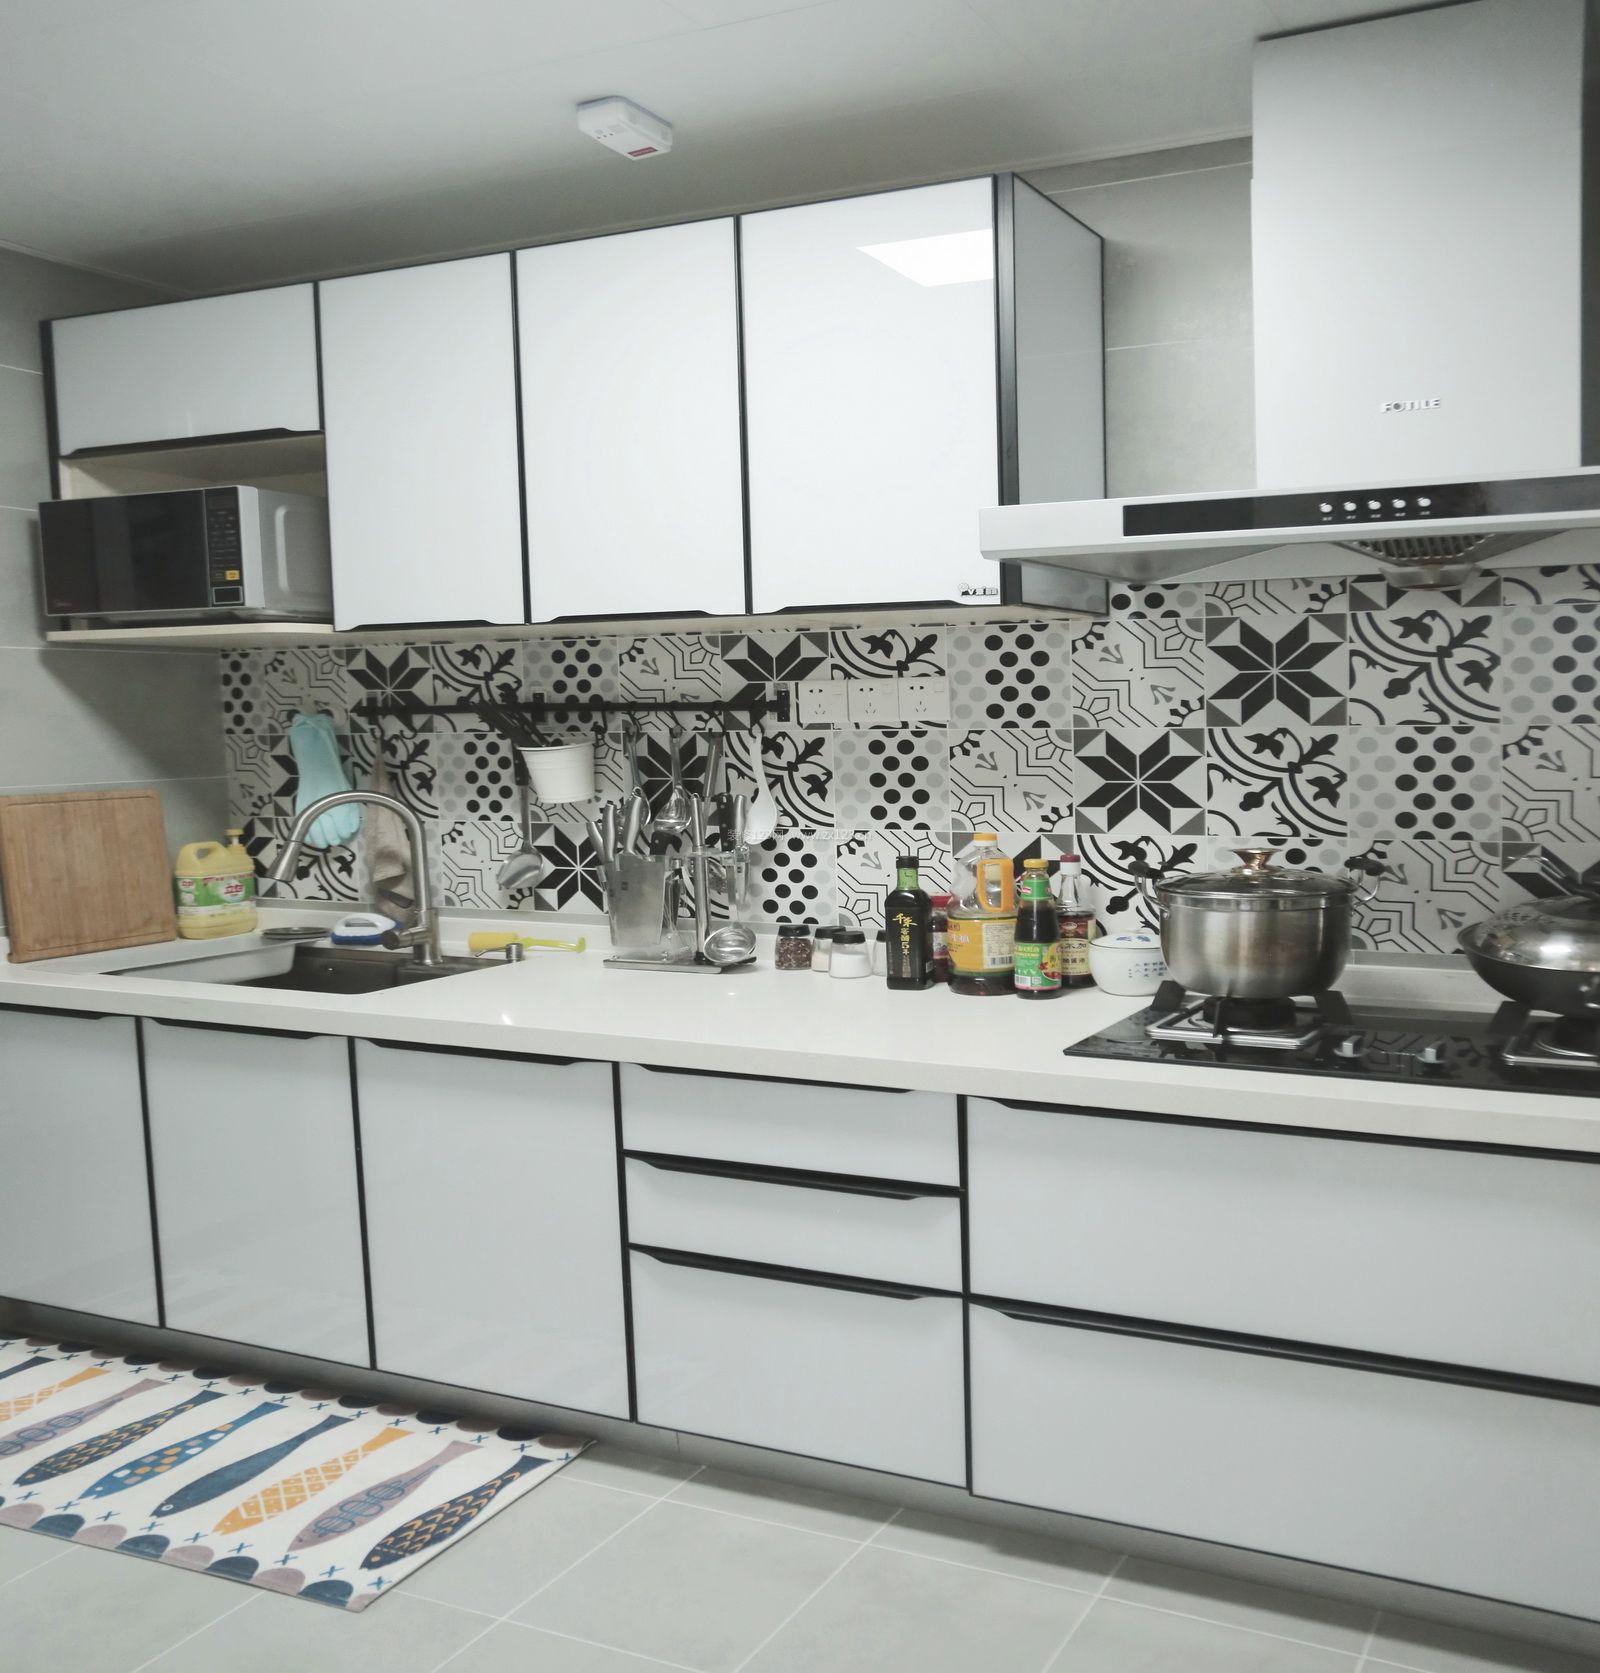 2017北欧厨房墙砖装修效果图片大全图片